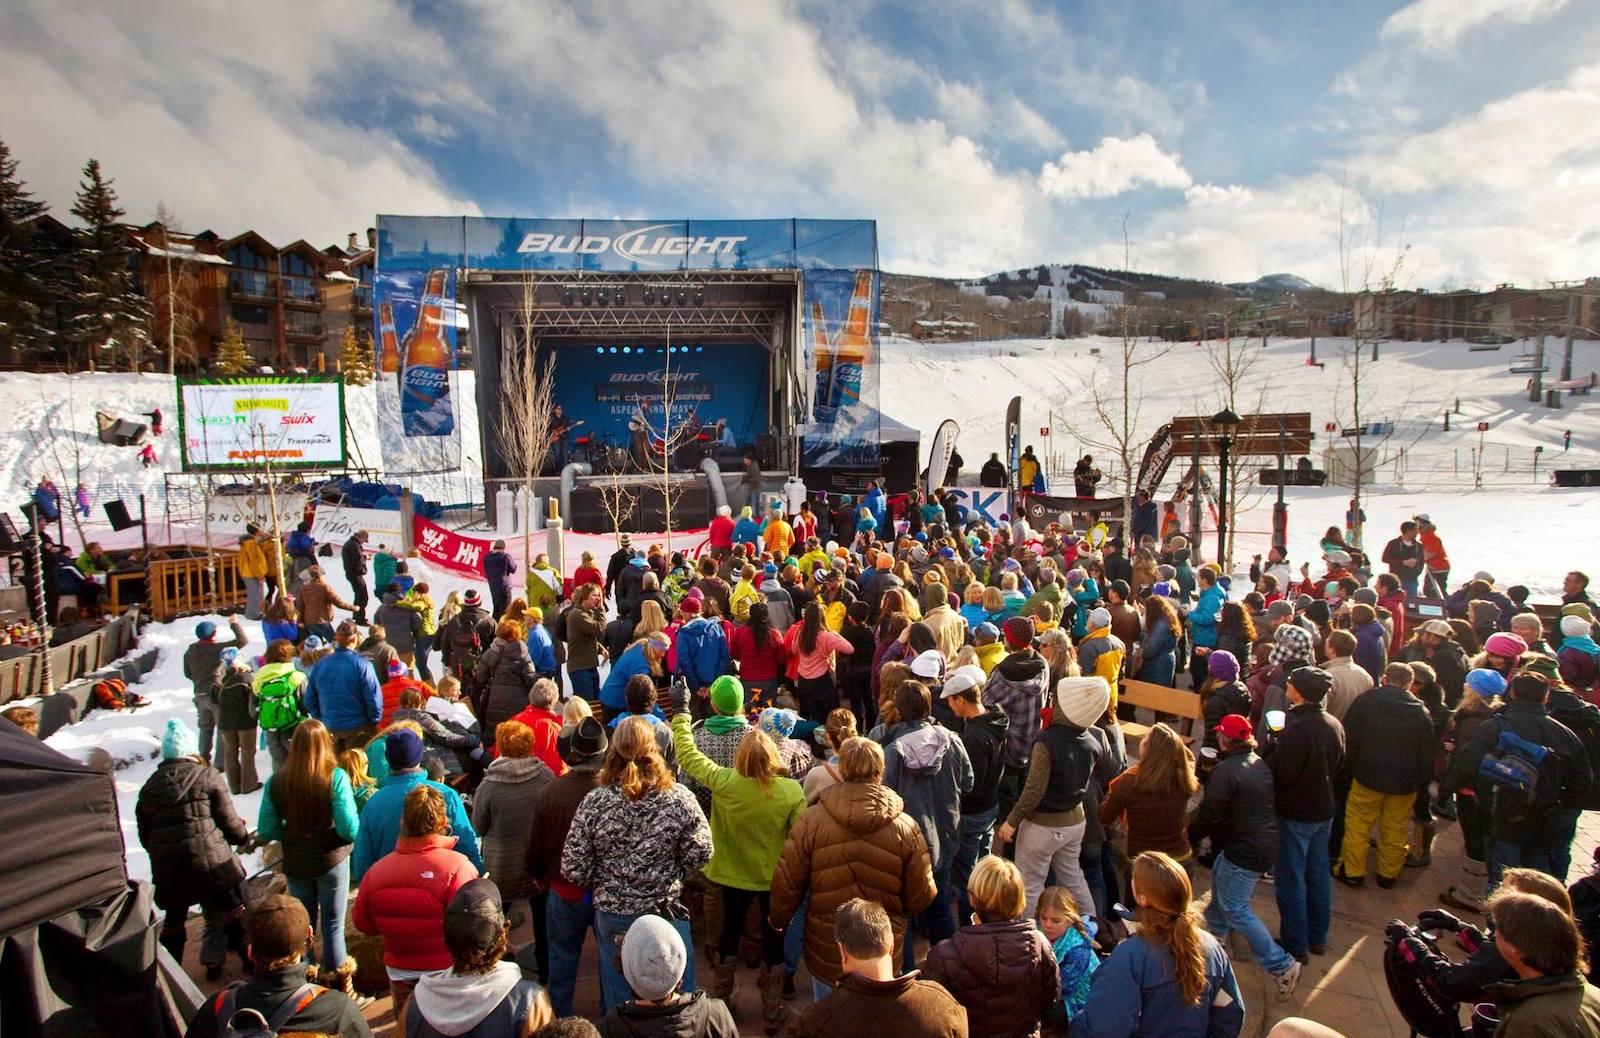 Gambar orang di Konser Bud Light Hi Fi di Aspen Snowmass, Colorado